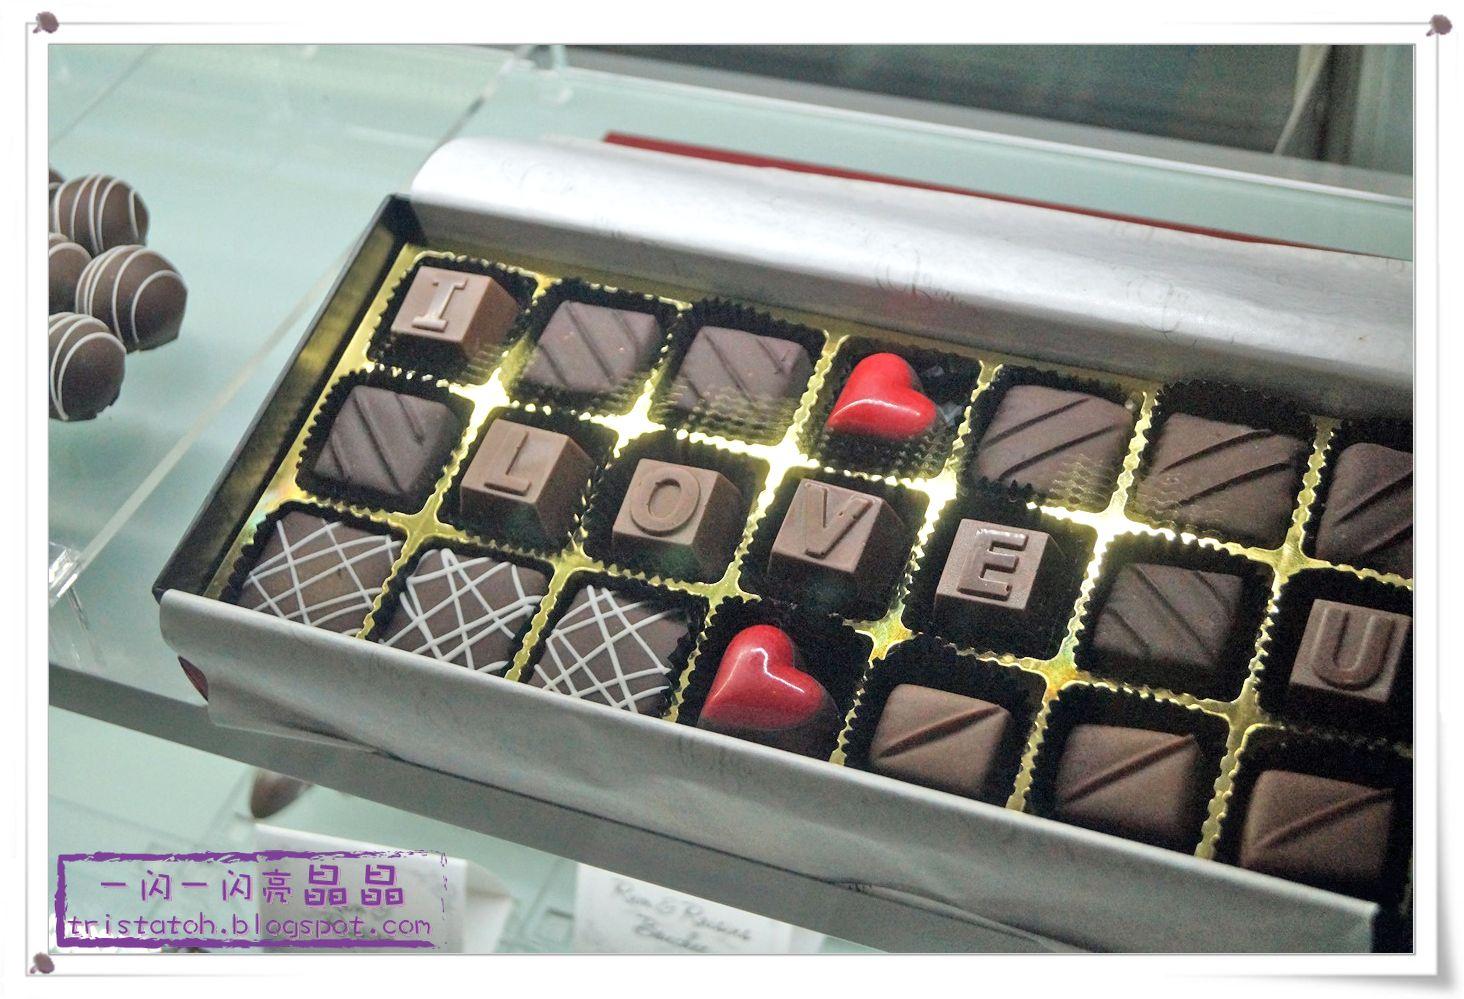 ... 柜台玻璃橱里那一排排的精致巧克力吸引了我的目光